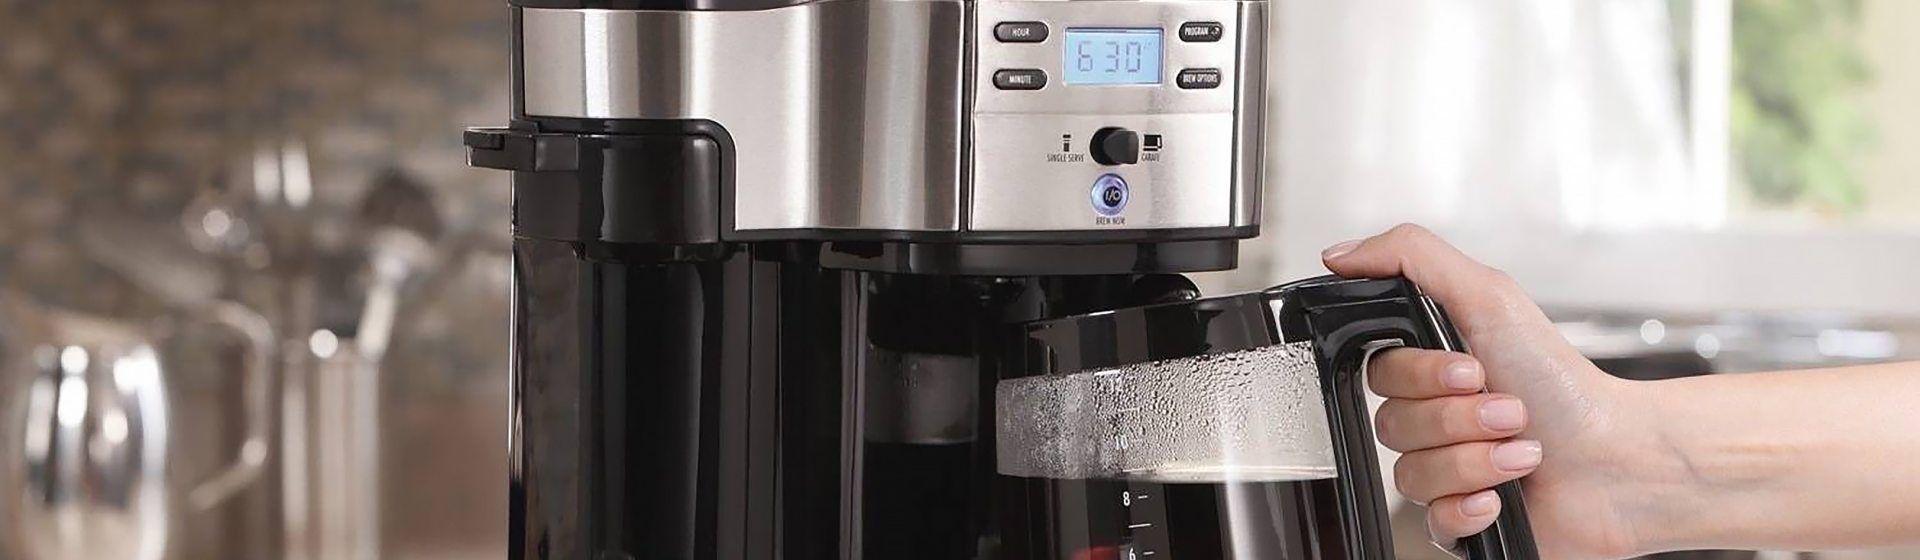 Cafeteira programável: qual a melhor para comprar?